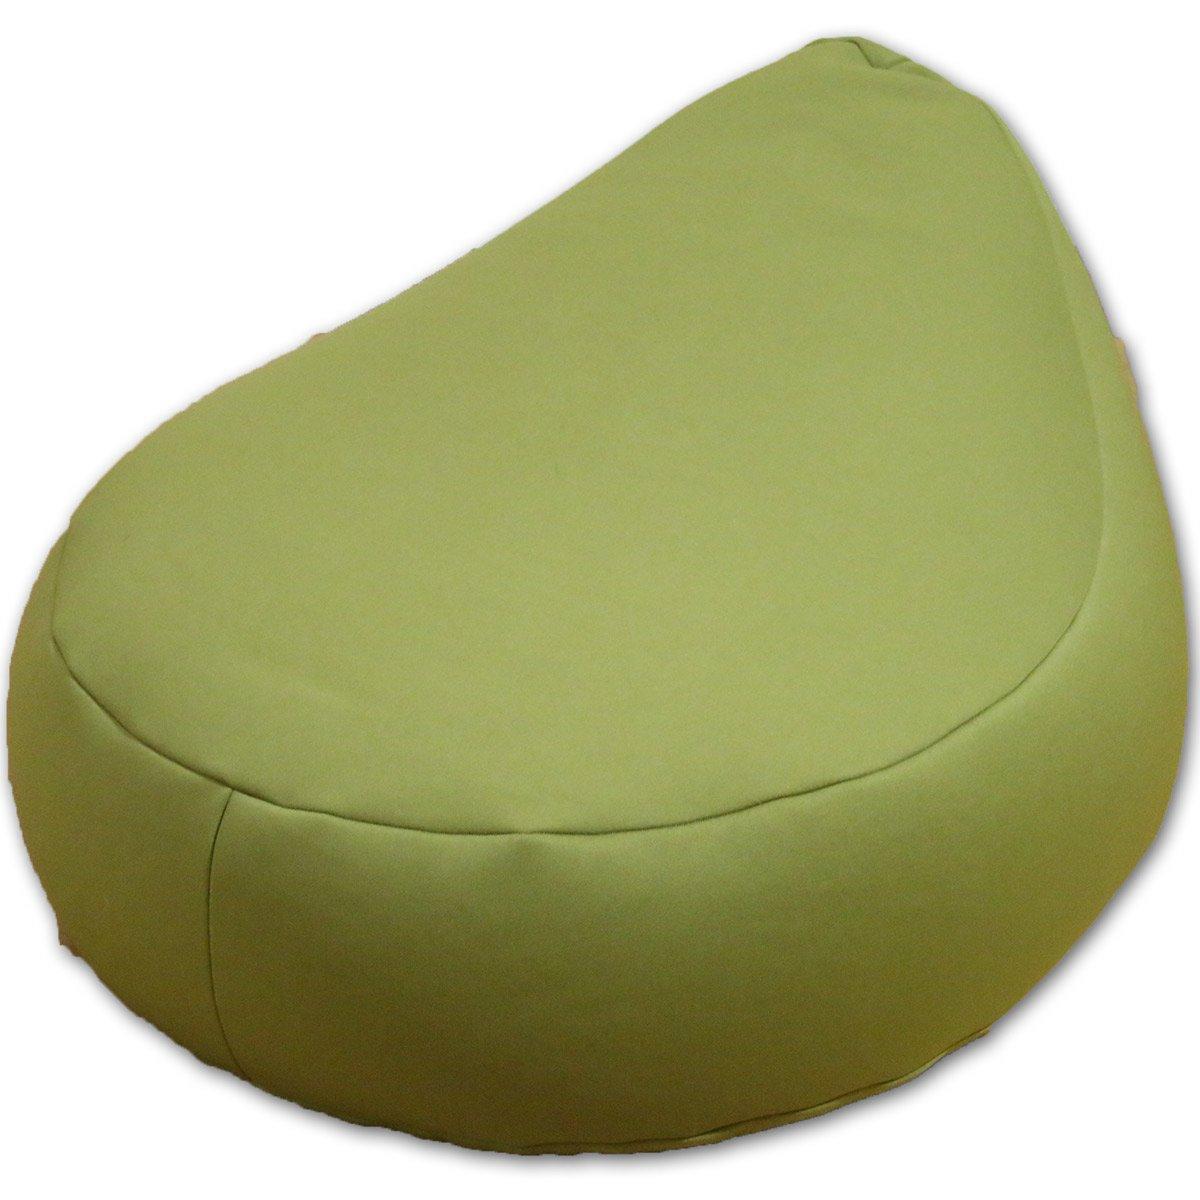 ビーズクッション エッグ L ニット地 (グリーン) B078T5GLLH グリーン グリーン